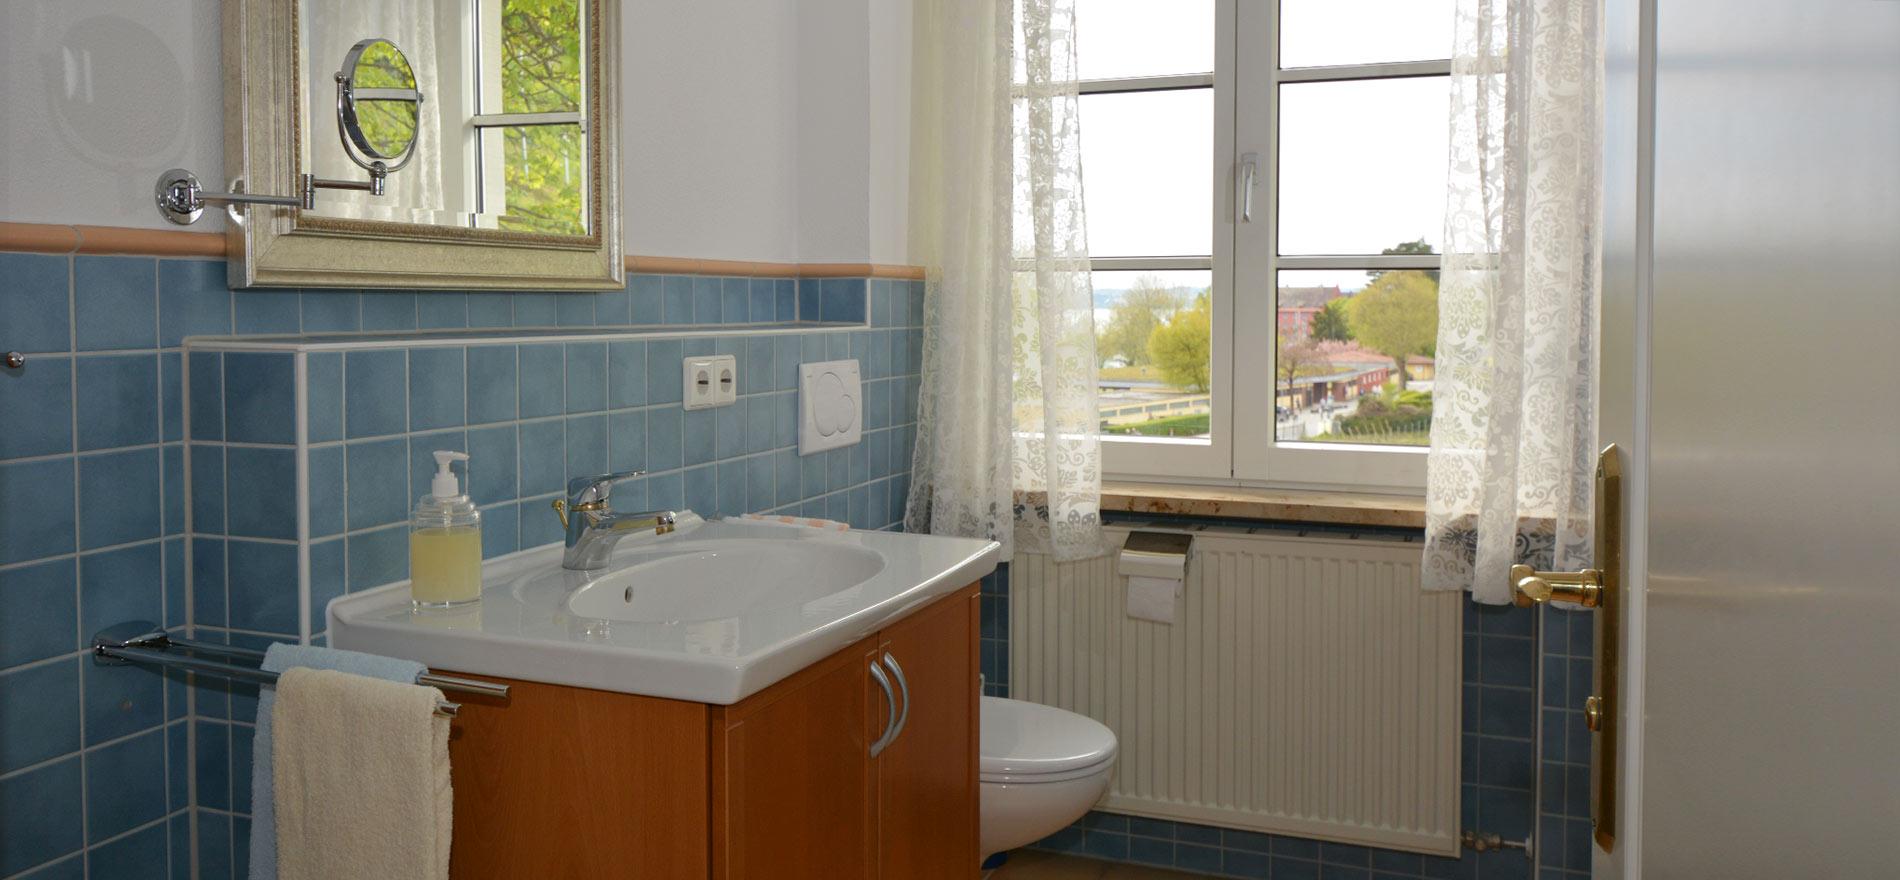 Ferienwohnung Pfarrhaus in Meersburg - Wohnung 3 5